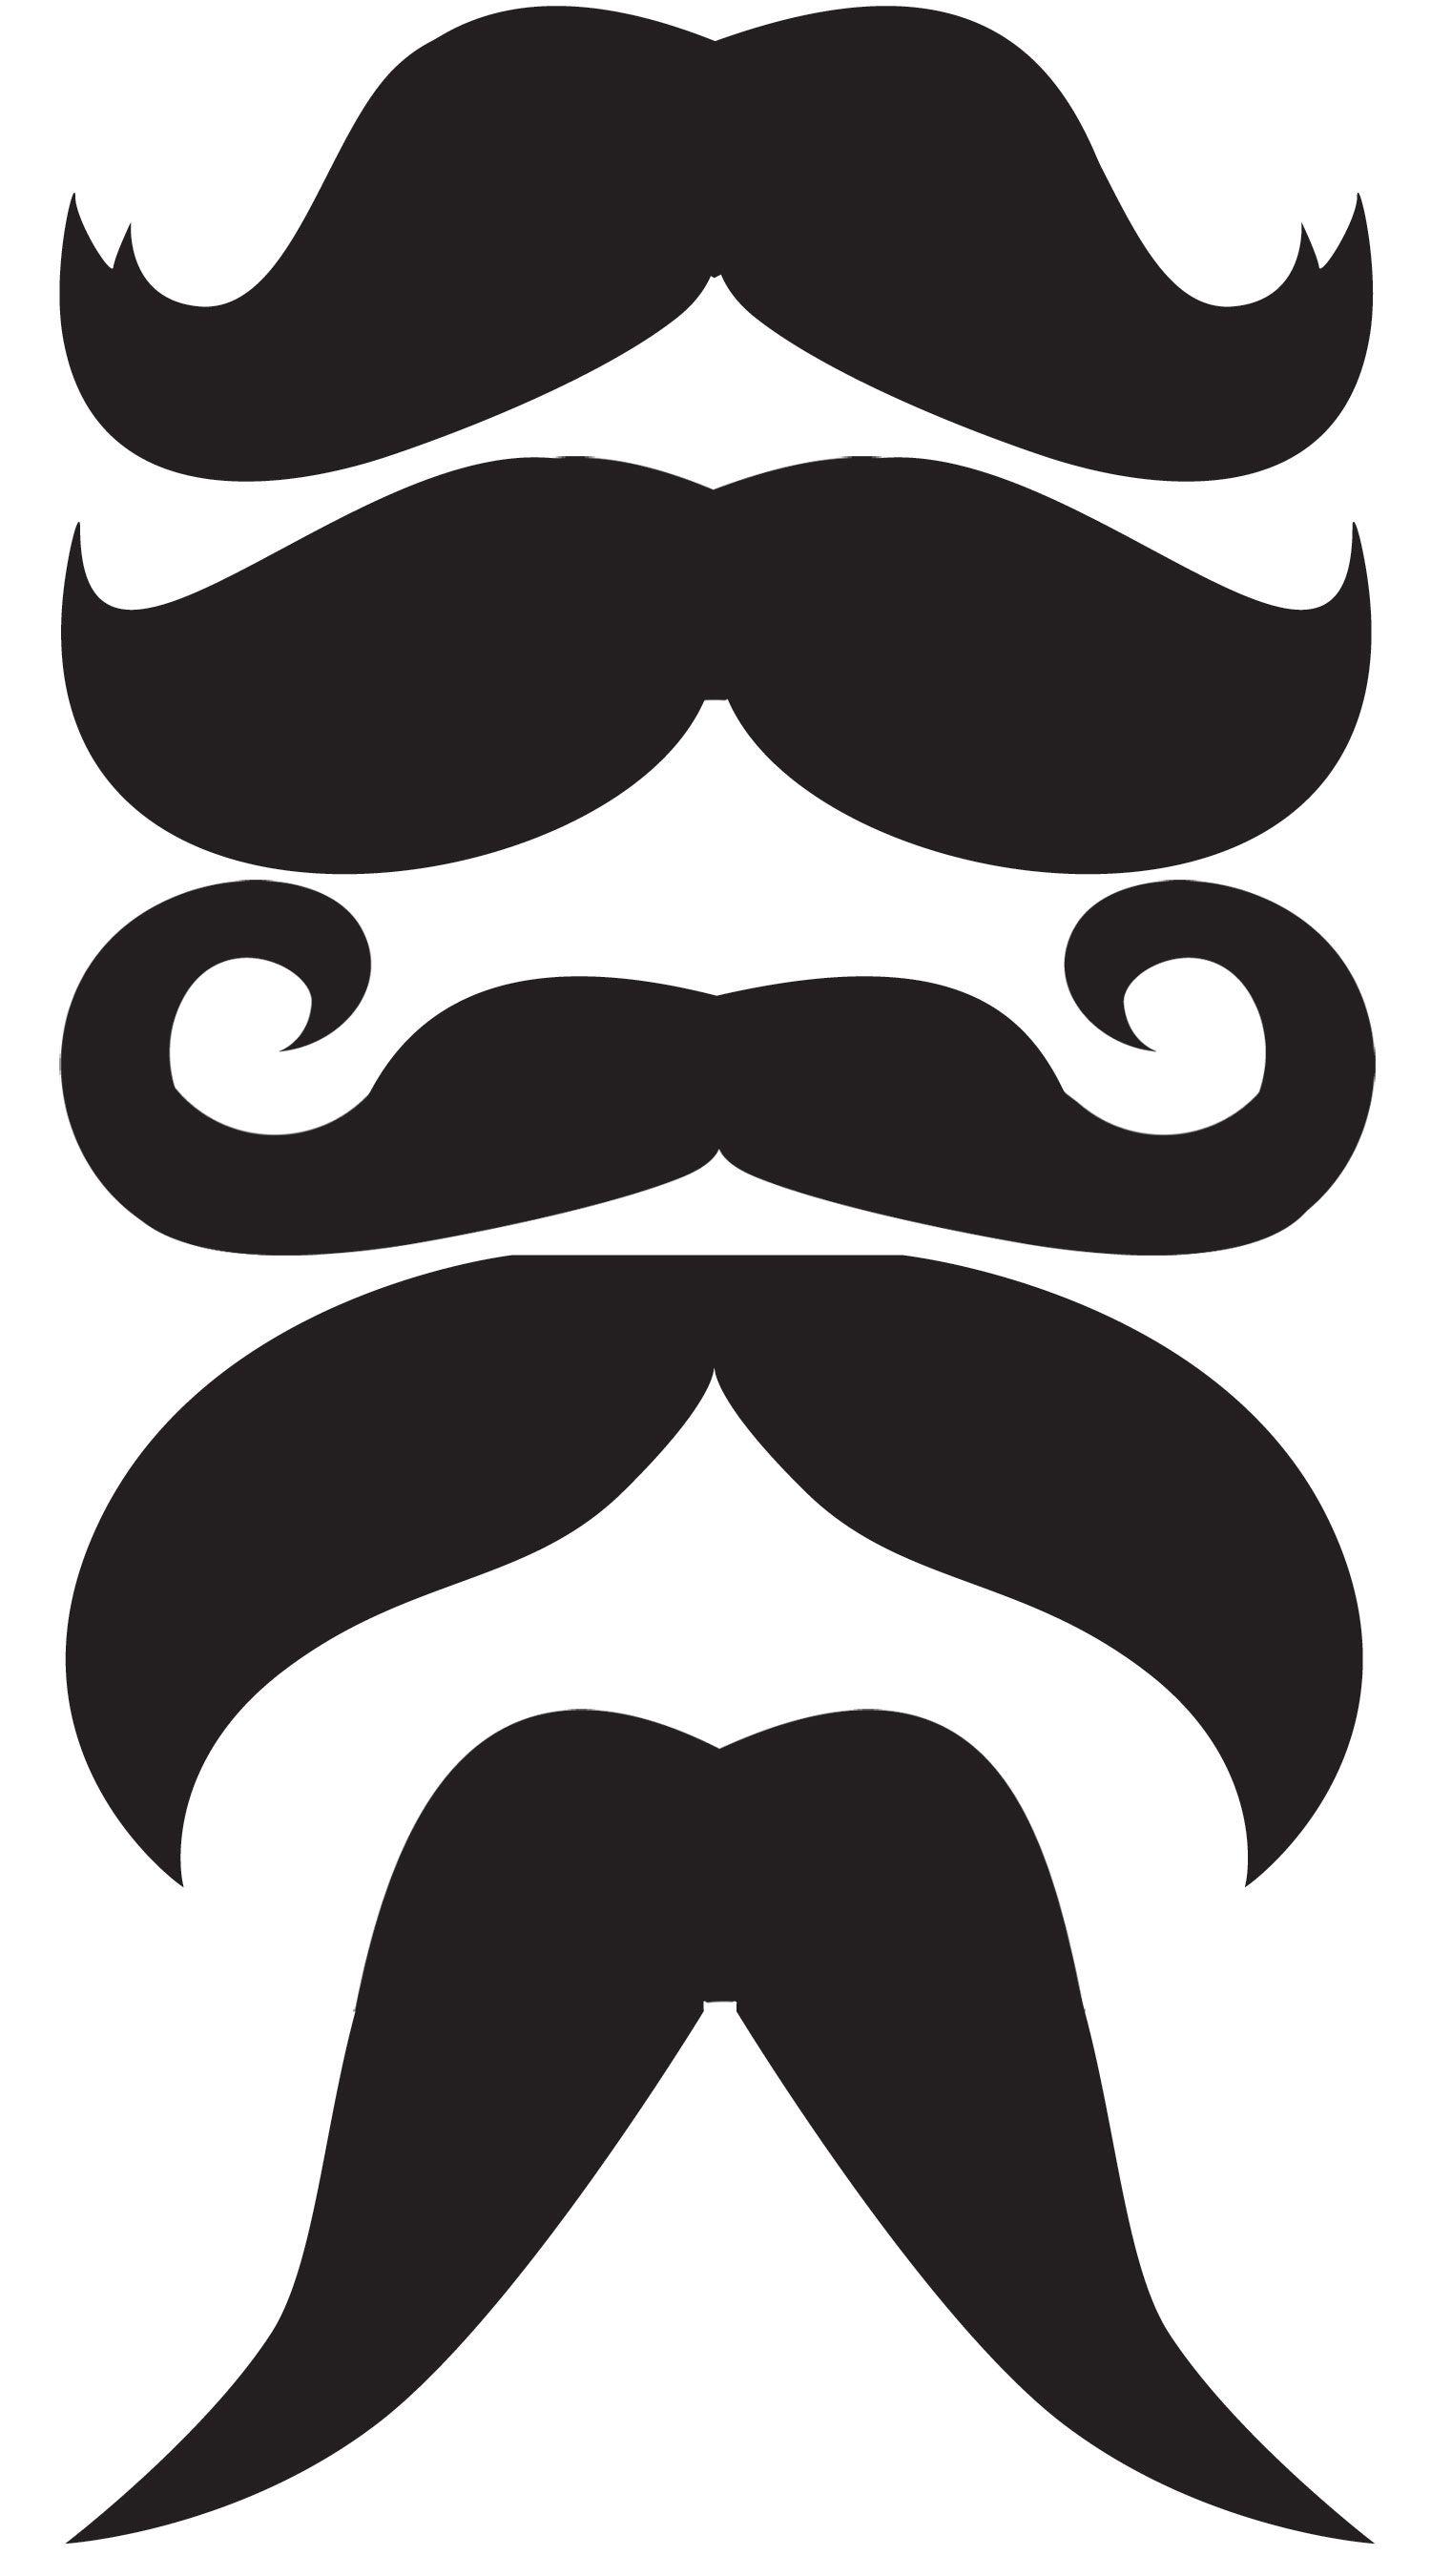 Moustache on a stick. Mustache clipart western